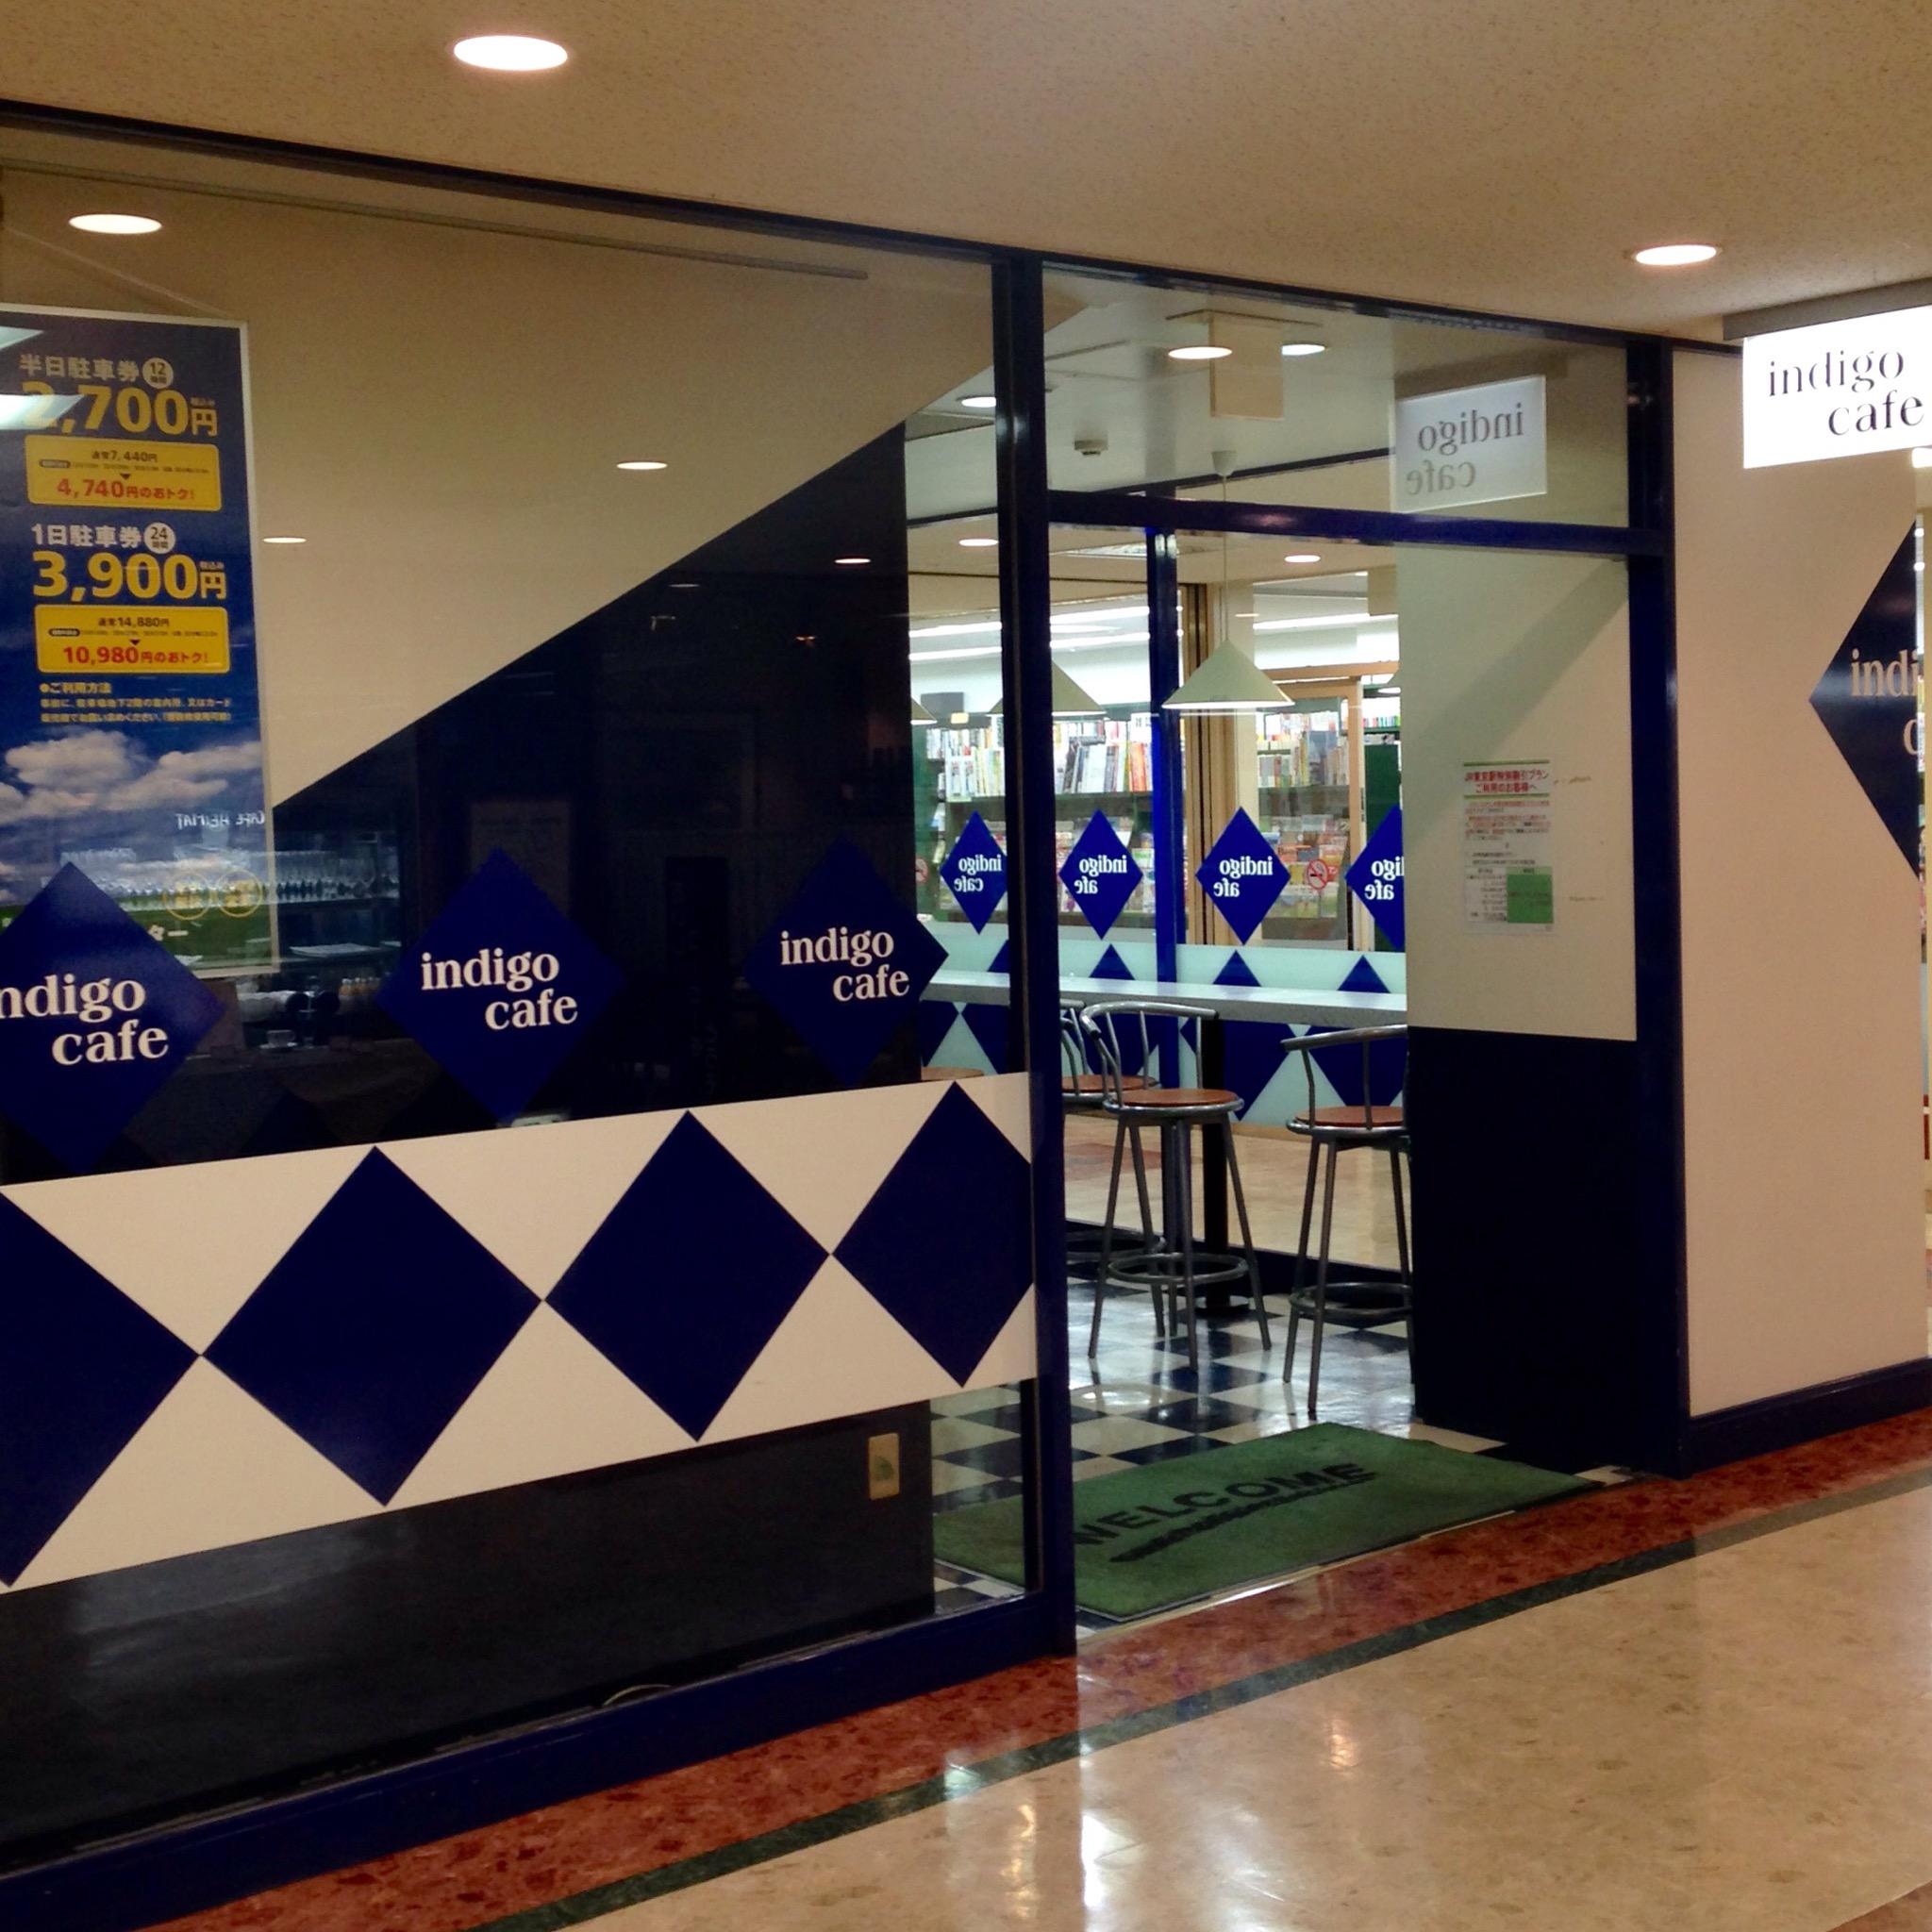 東京・大手町の地下で無料利用できる「indigo cafe」がサラリーマンにオススメ